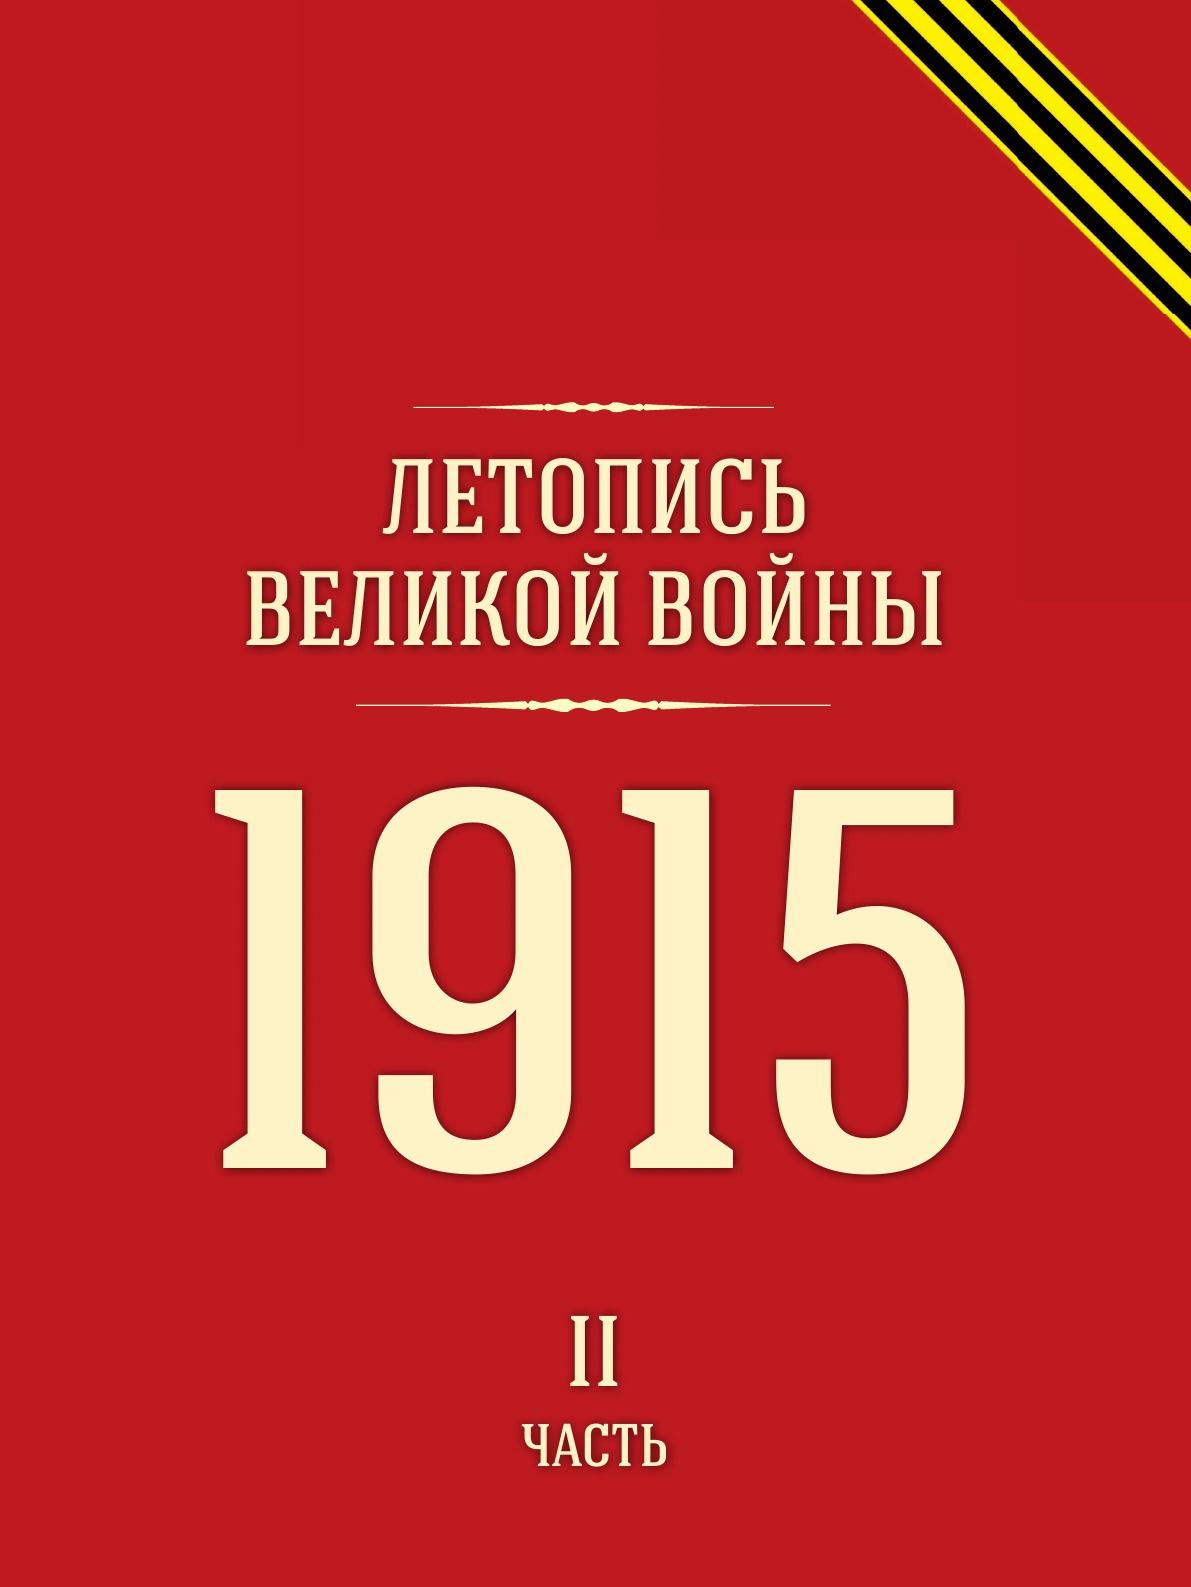 Летопись Великой войны. 1915 г. Часть 2 daniel polo de sibri летопись тейлса частьi